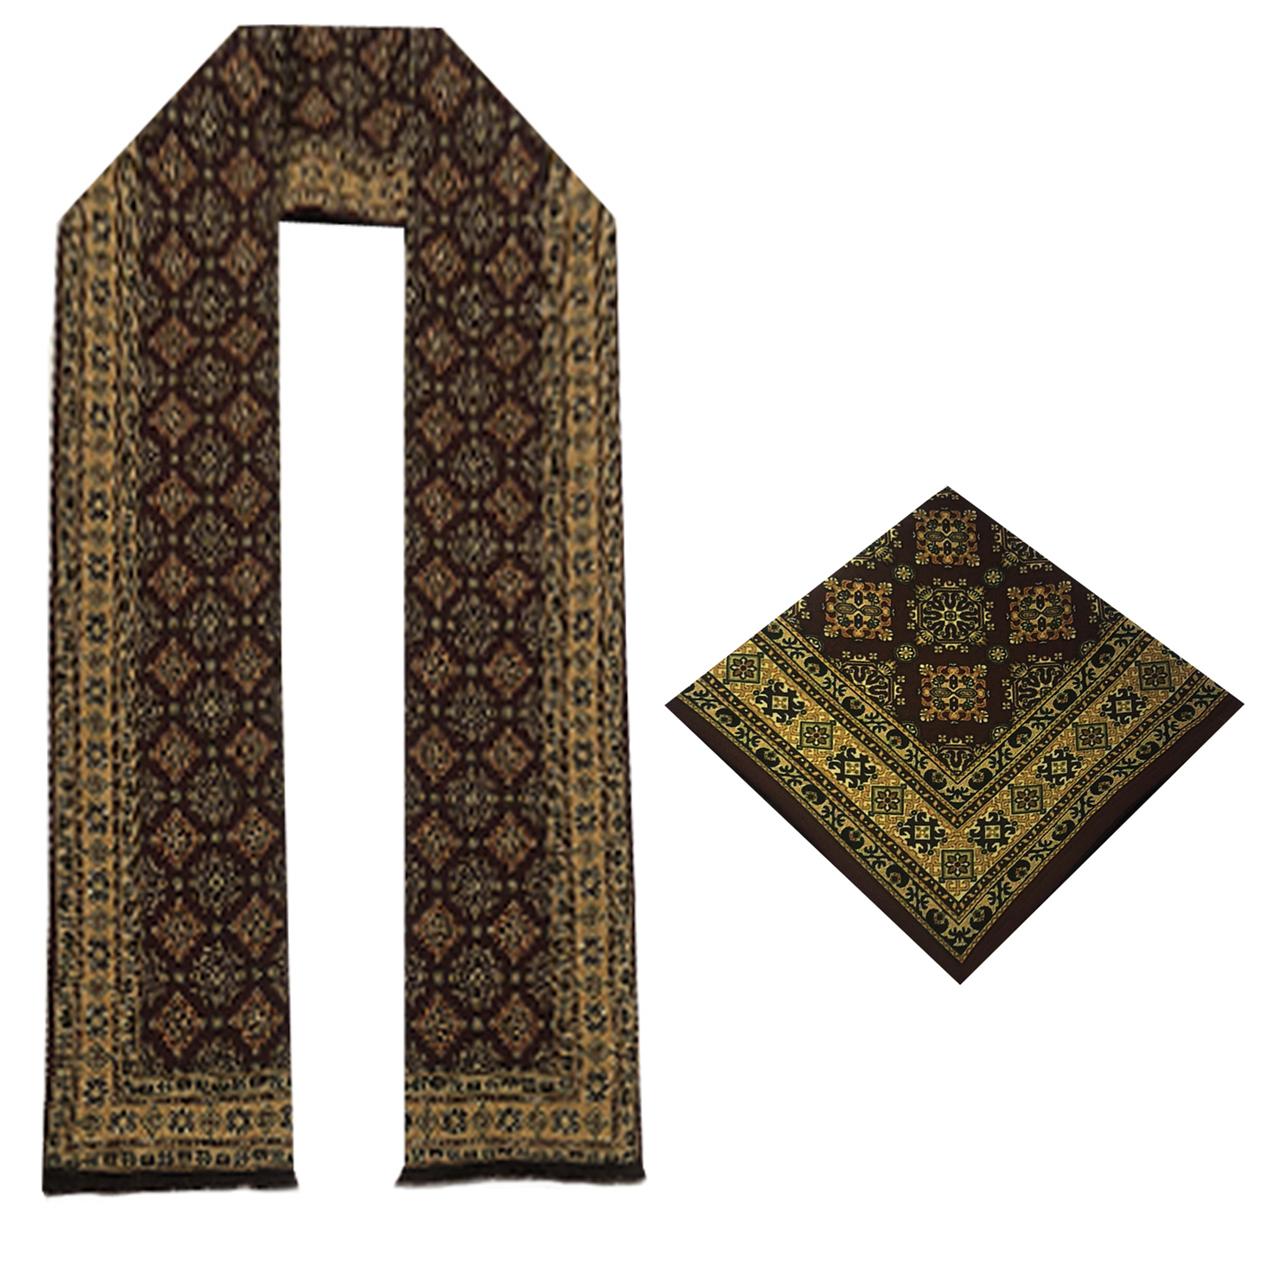 ست دستمال جیب و شال گردن مردانه آراد مدل st29